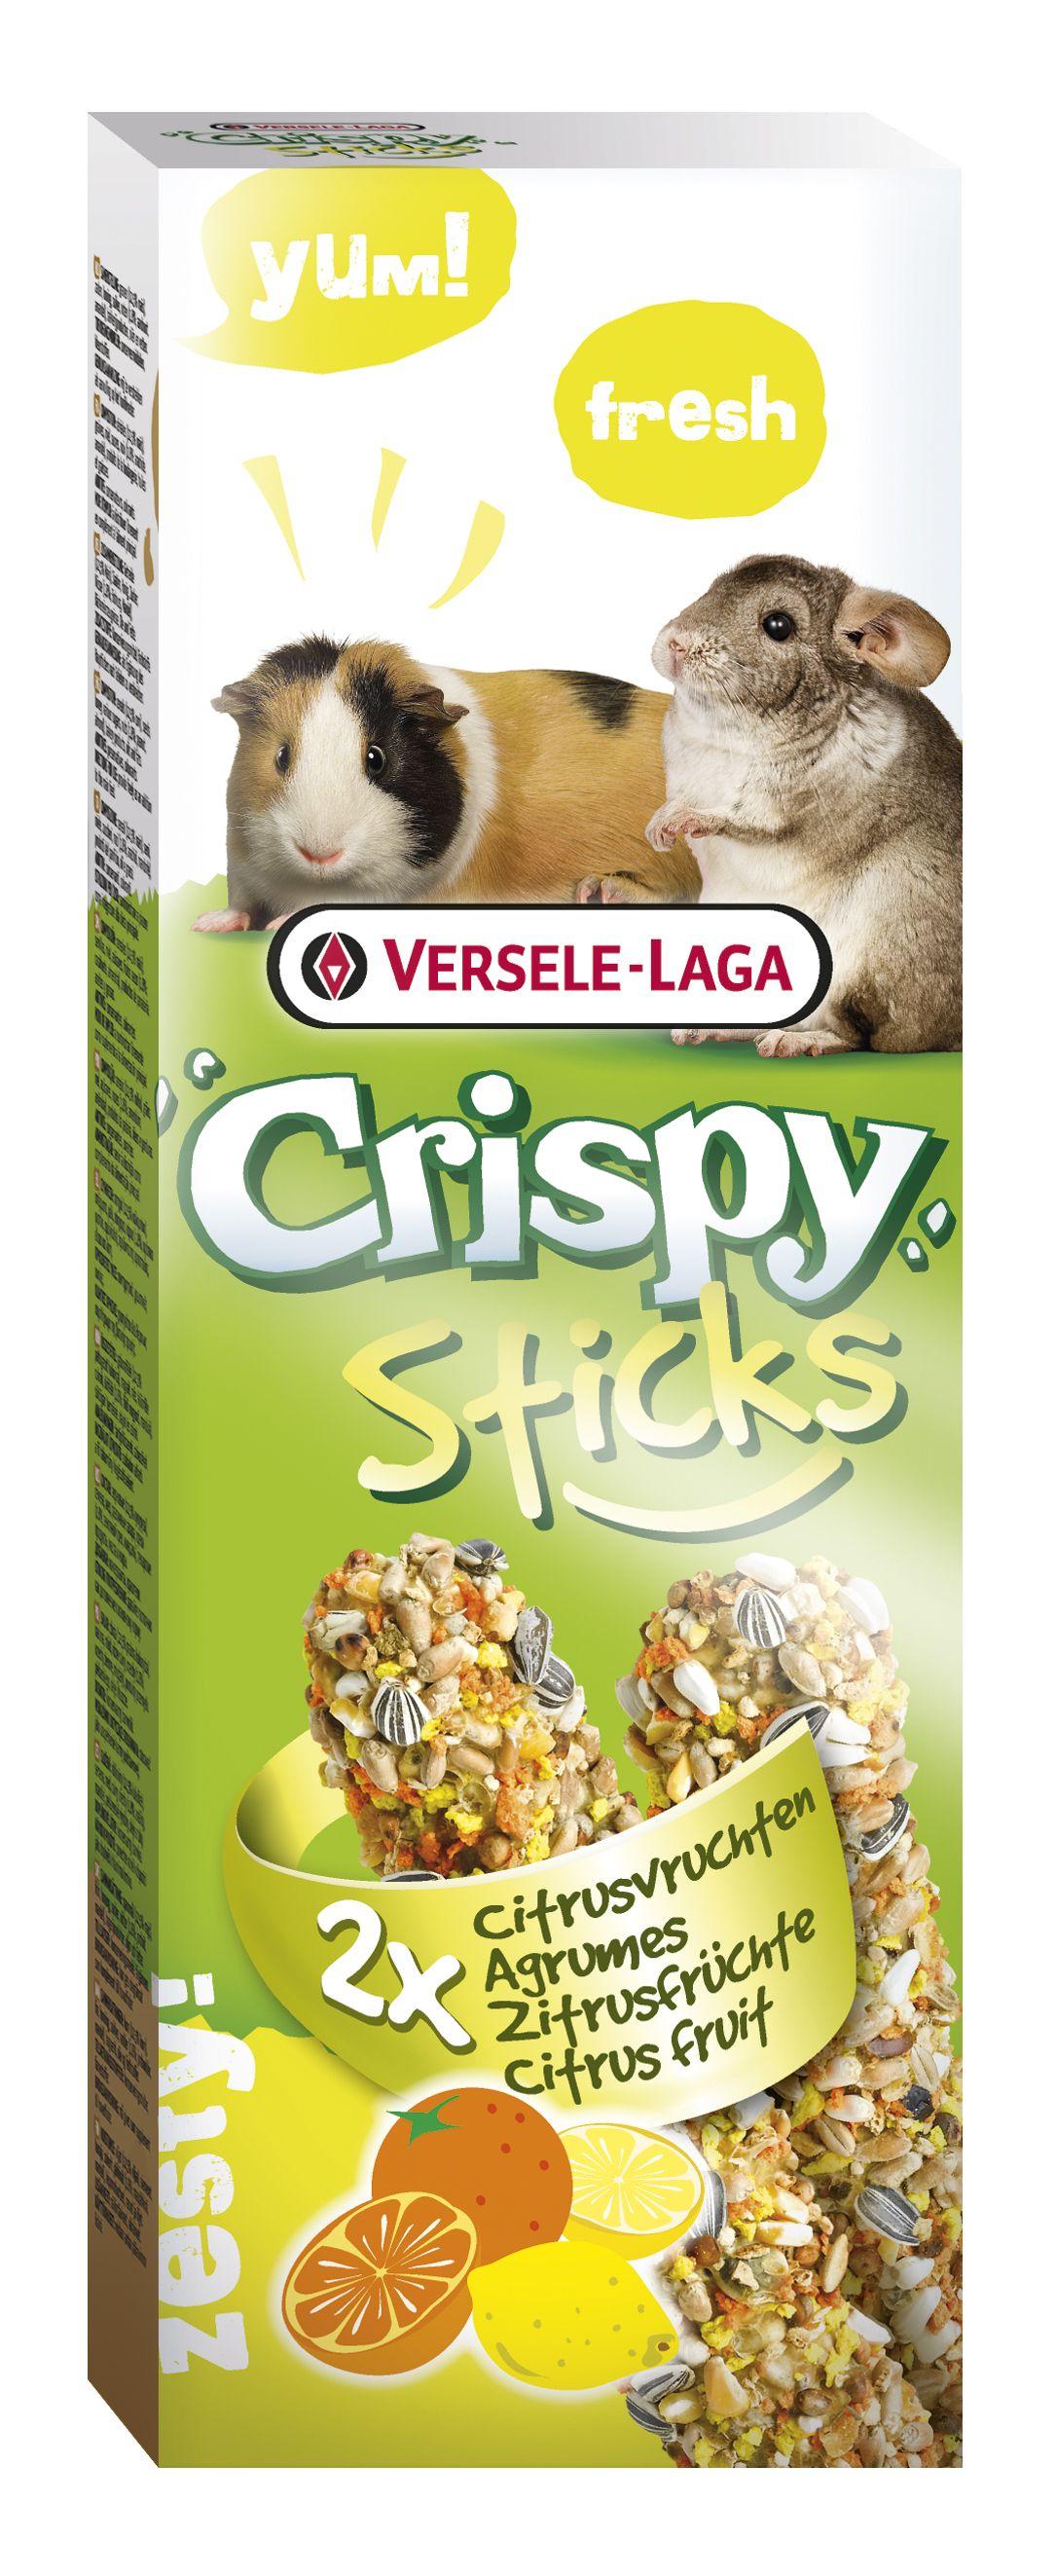 Stick Crispy Frutos Citricos (Cobaya-Chinchilla)